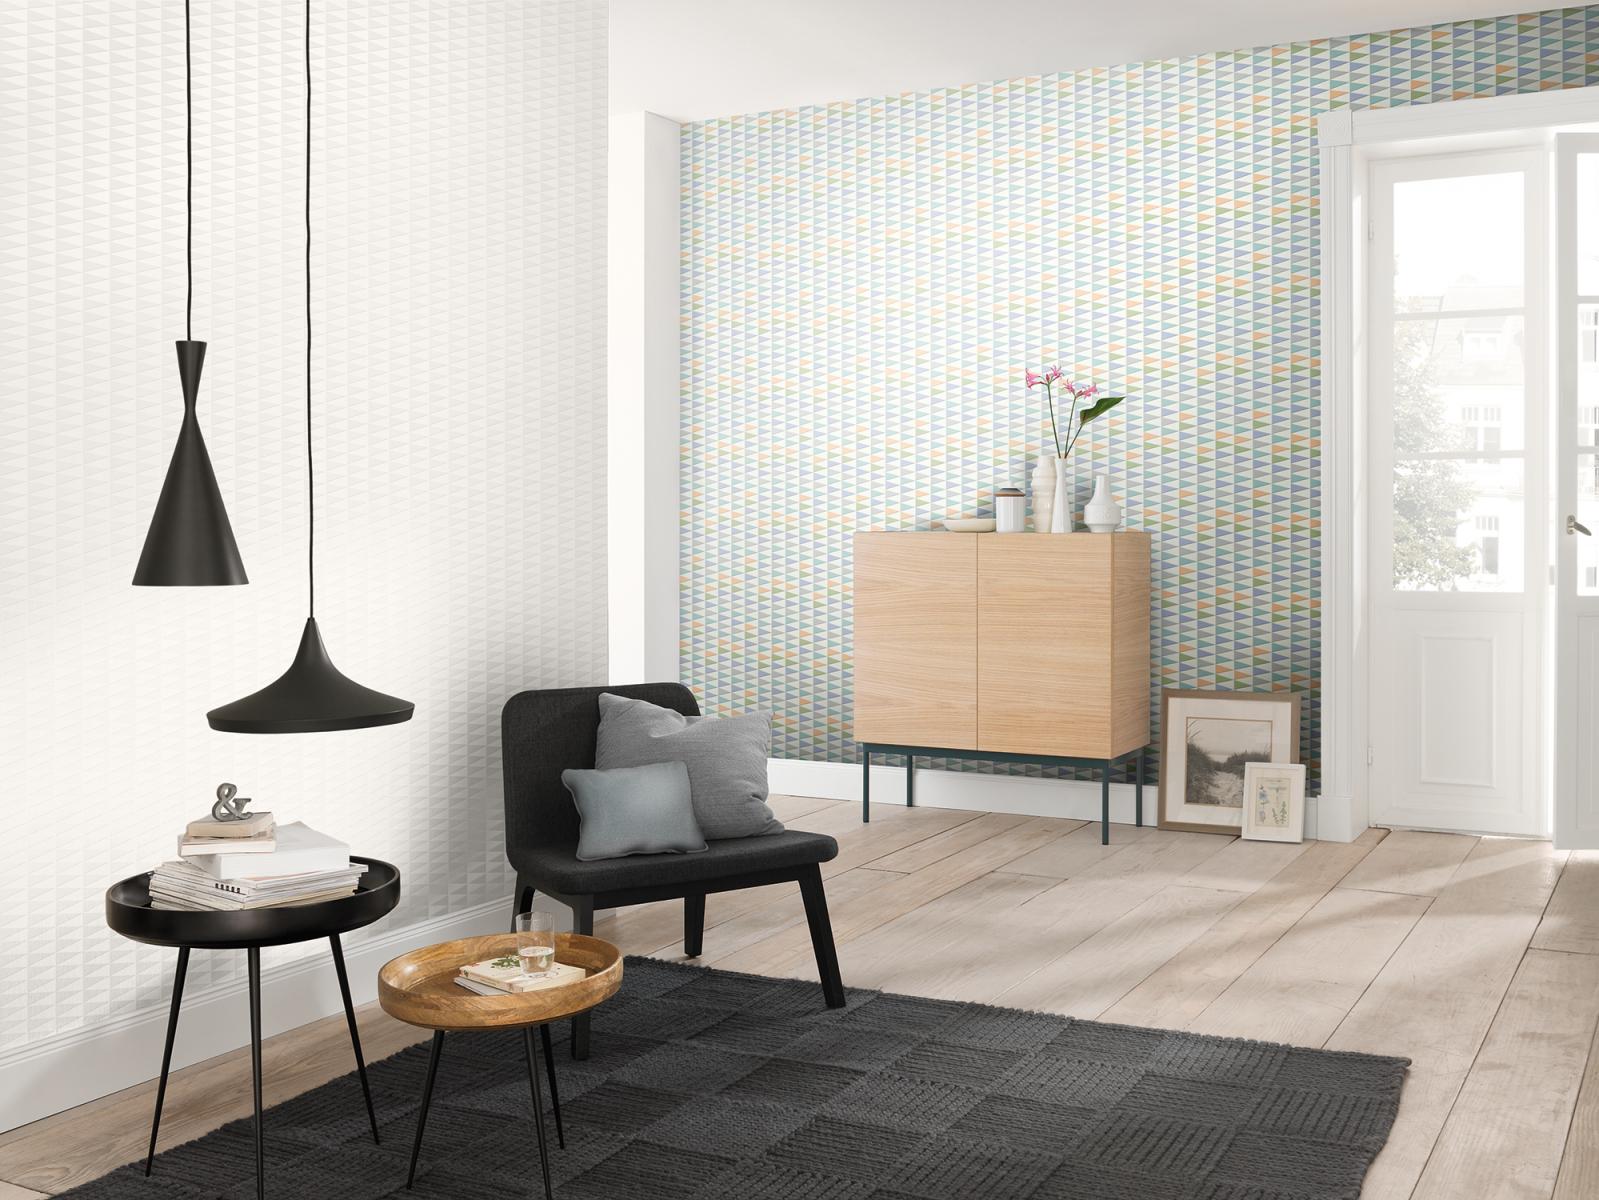 Moderne Vliestapeten Fürs Wohnzimmer  Haus Deko Tapeten von Moderne Vliestapeten Wohnzimmer Bild